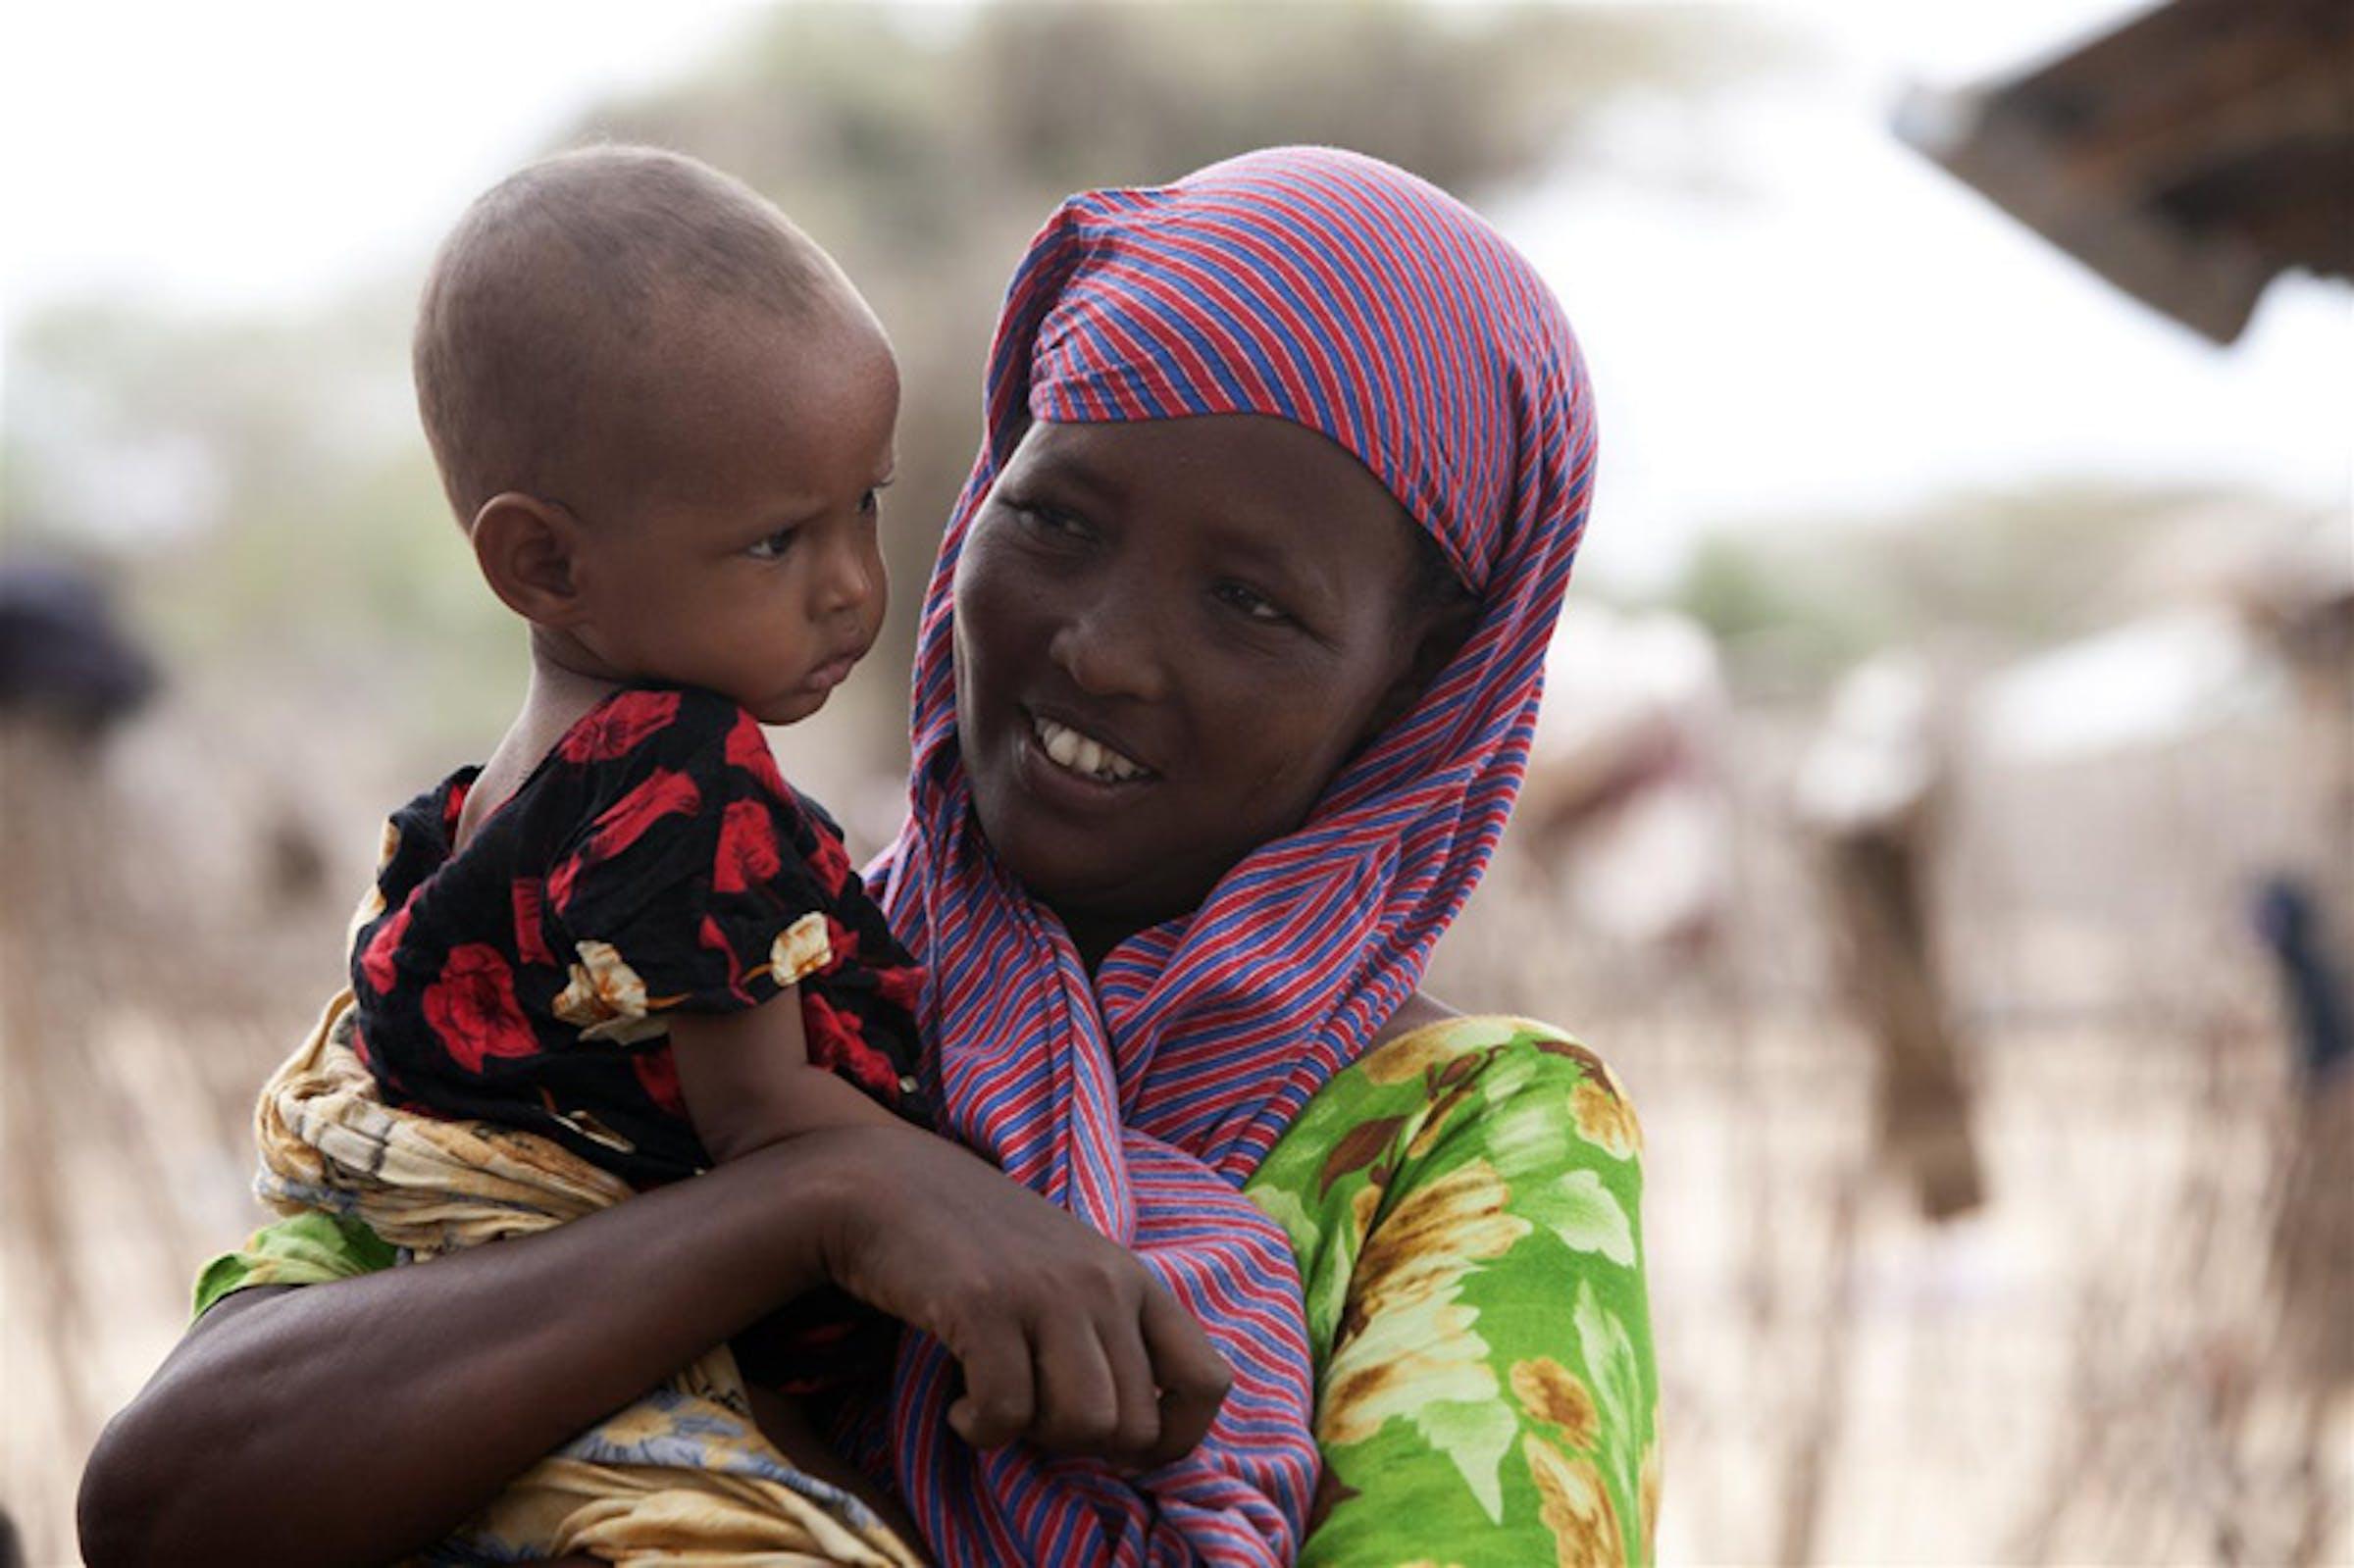 Una donna somala con il suo bambino durante una recente campagna di vaccinazione contro il morbillo finanziata dall'UNICEF - ©UNICEF/NYHQ2011-1206/S.Modola